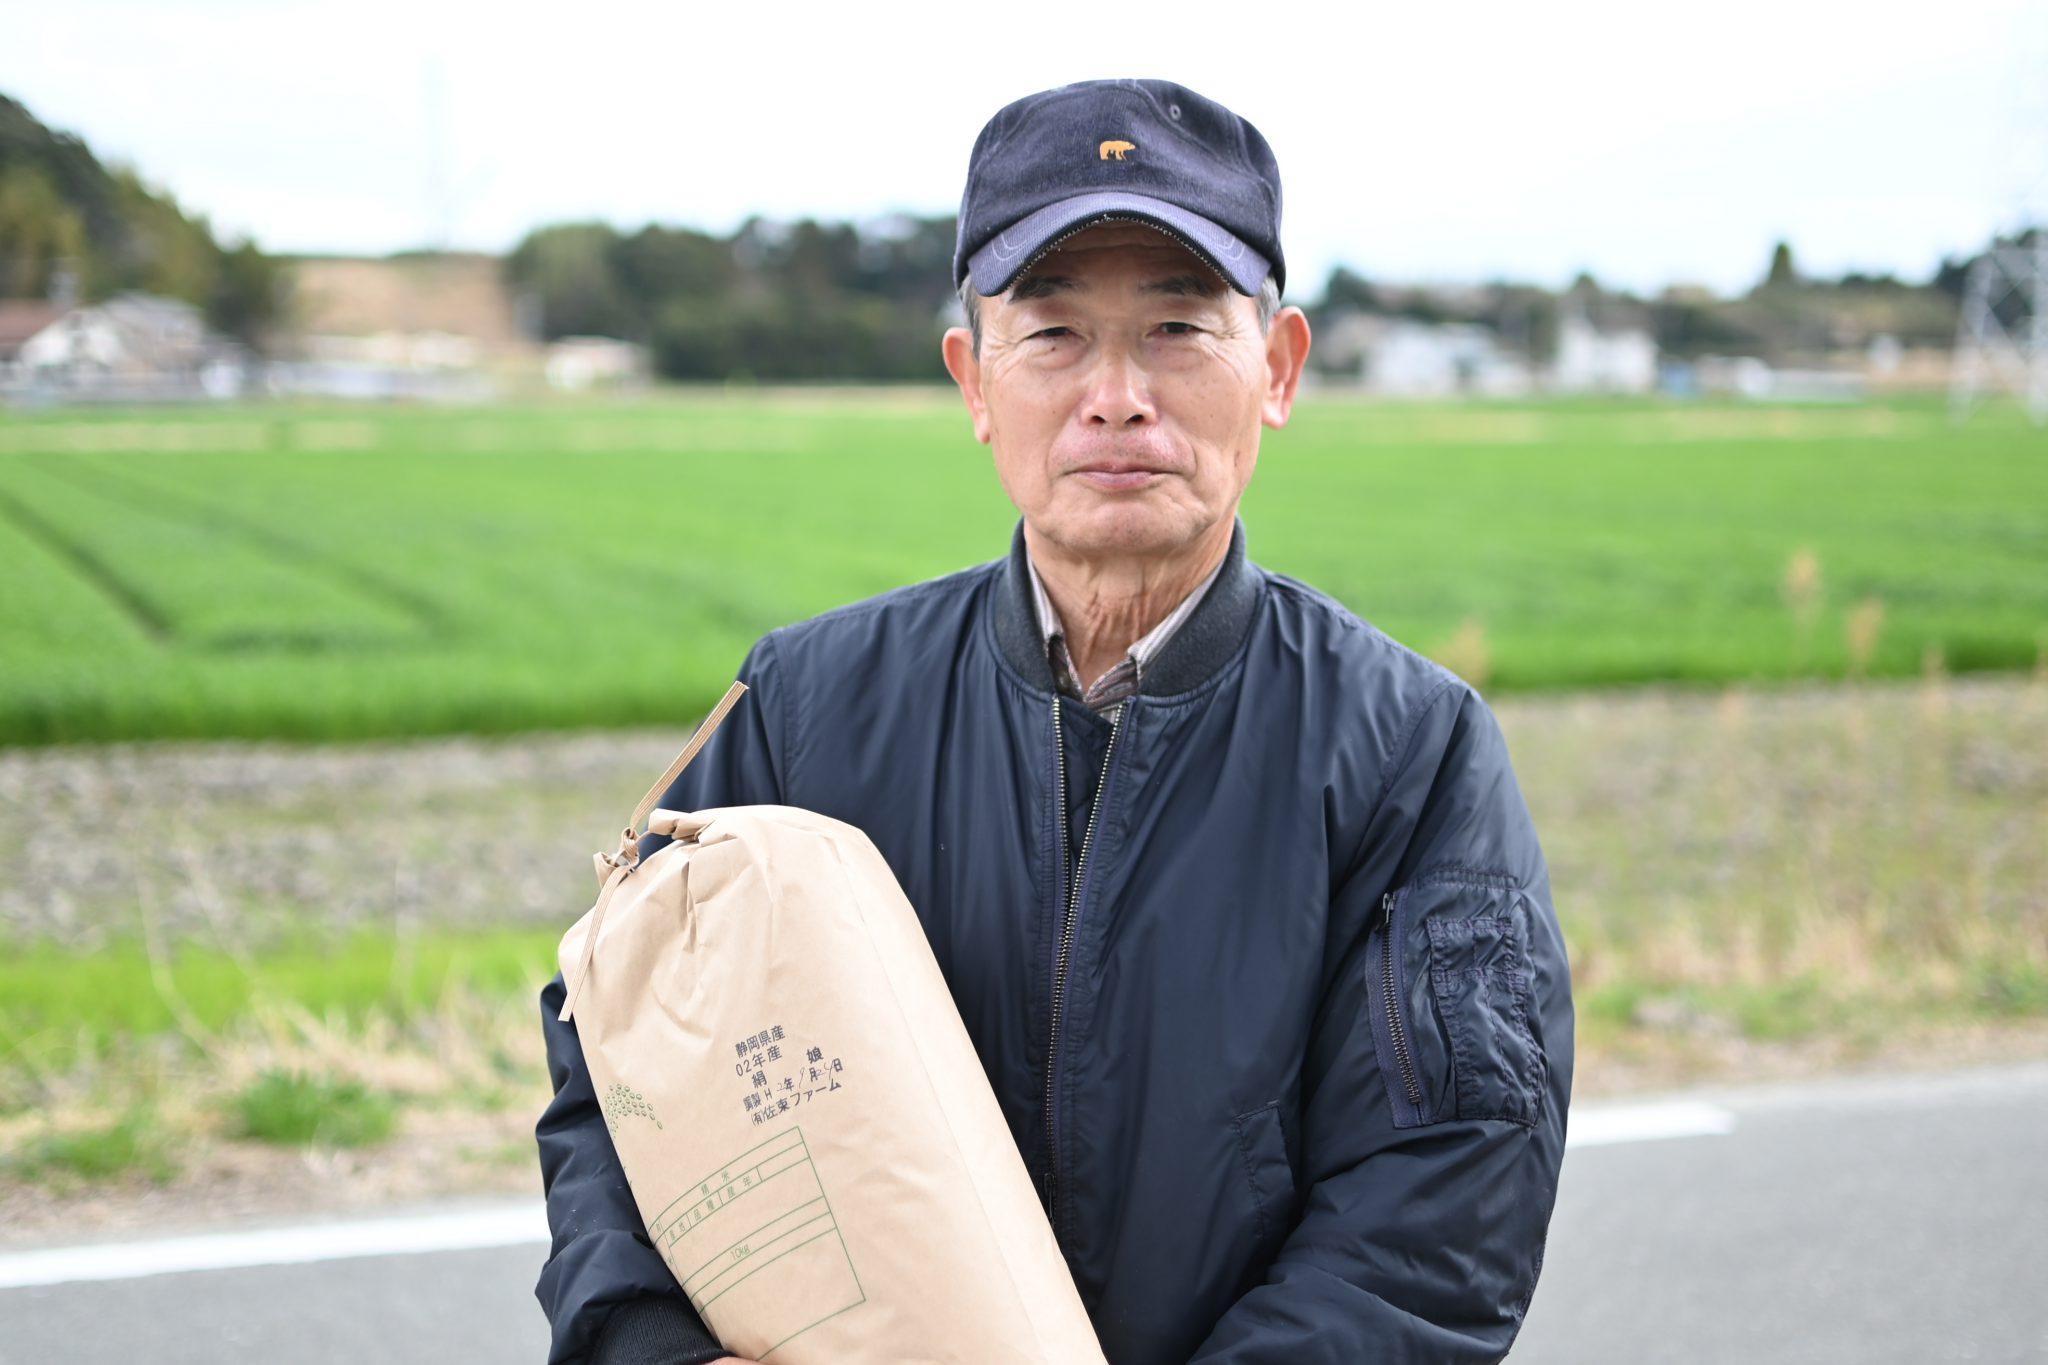 有限会社佐束(さずか)ファーム 代表取締役社長 飯田政明さん